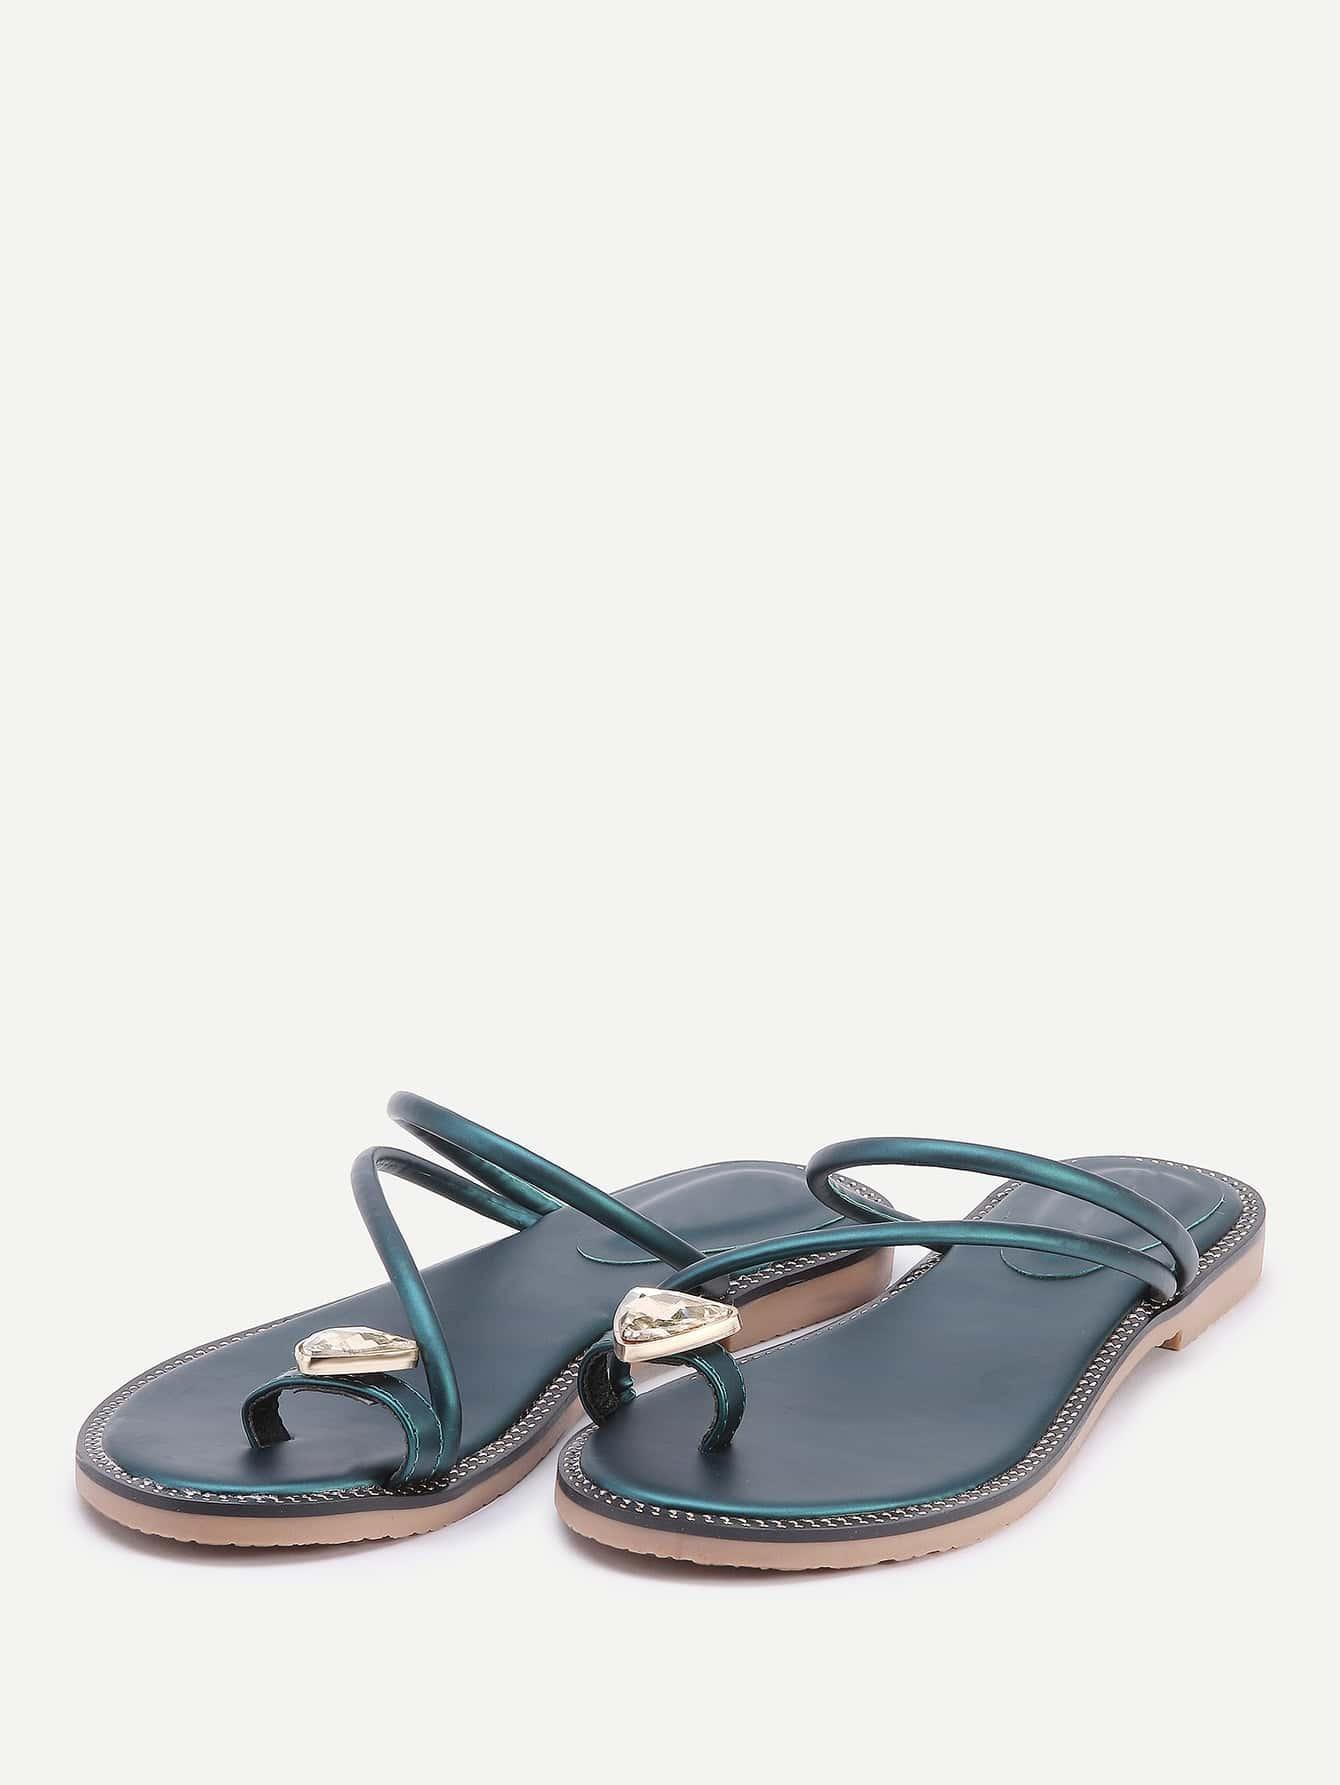 shoes170328809_2